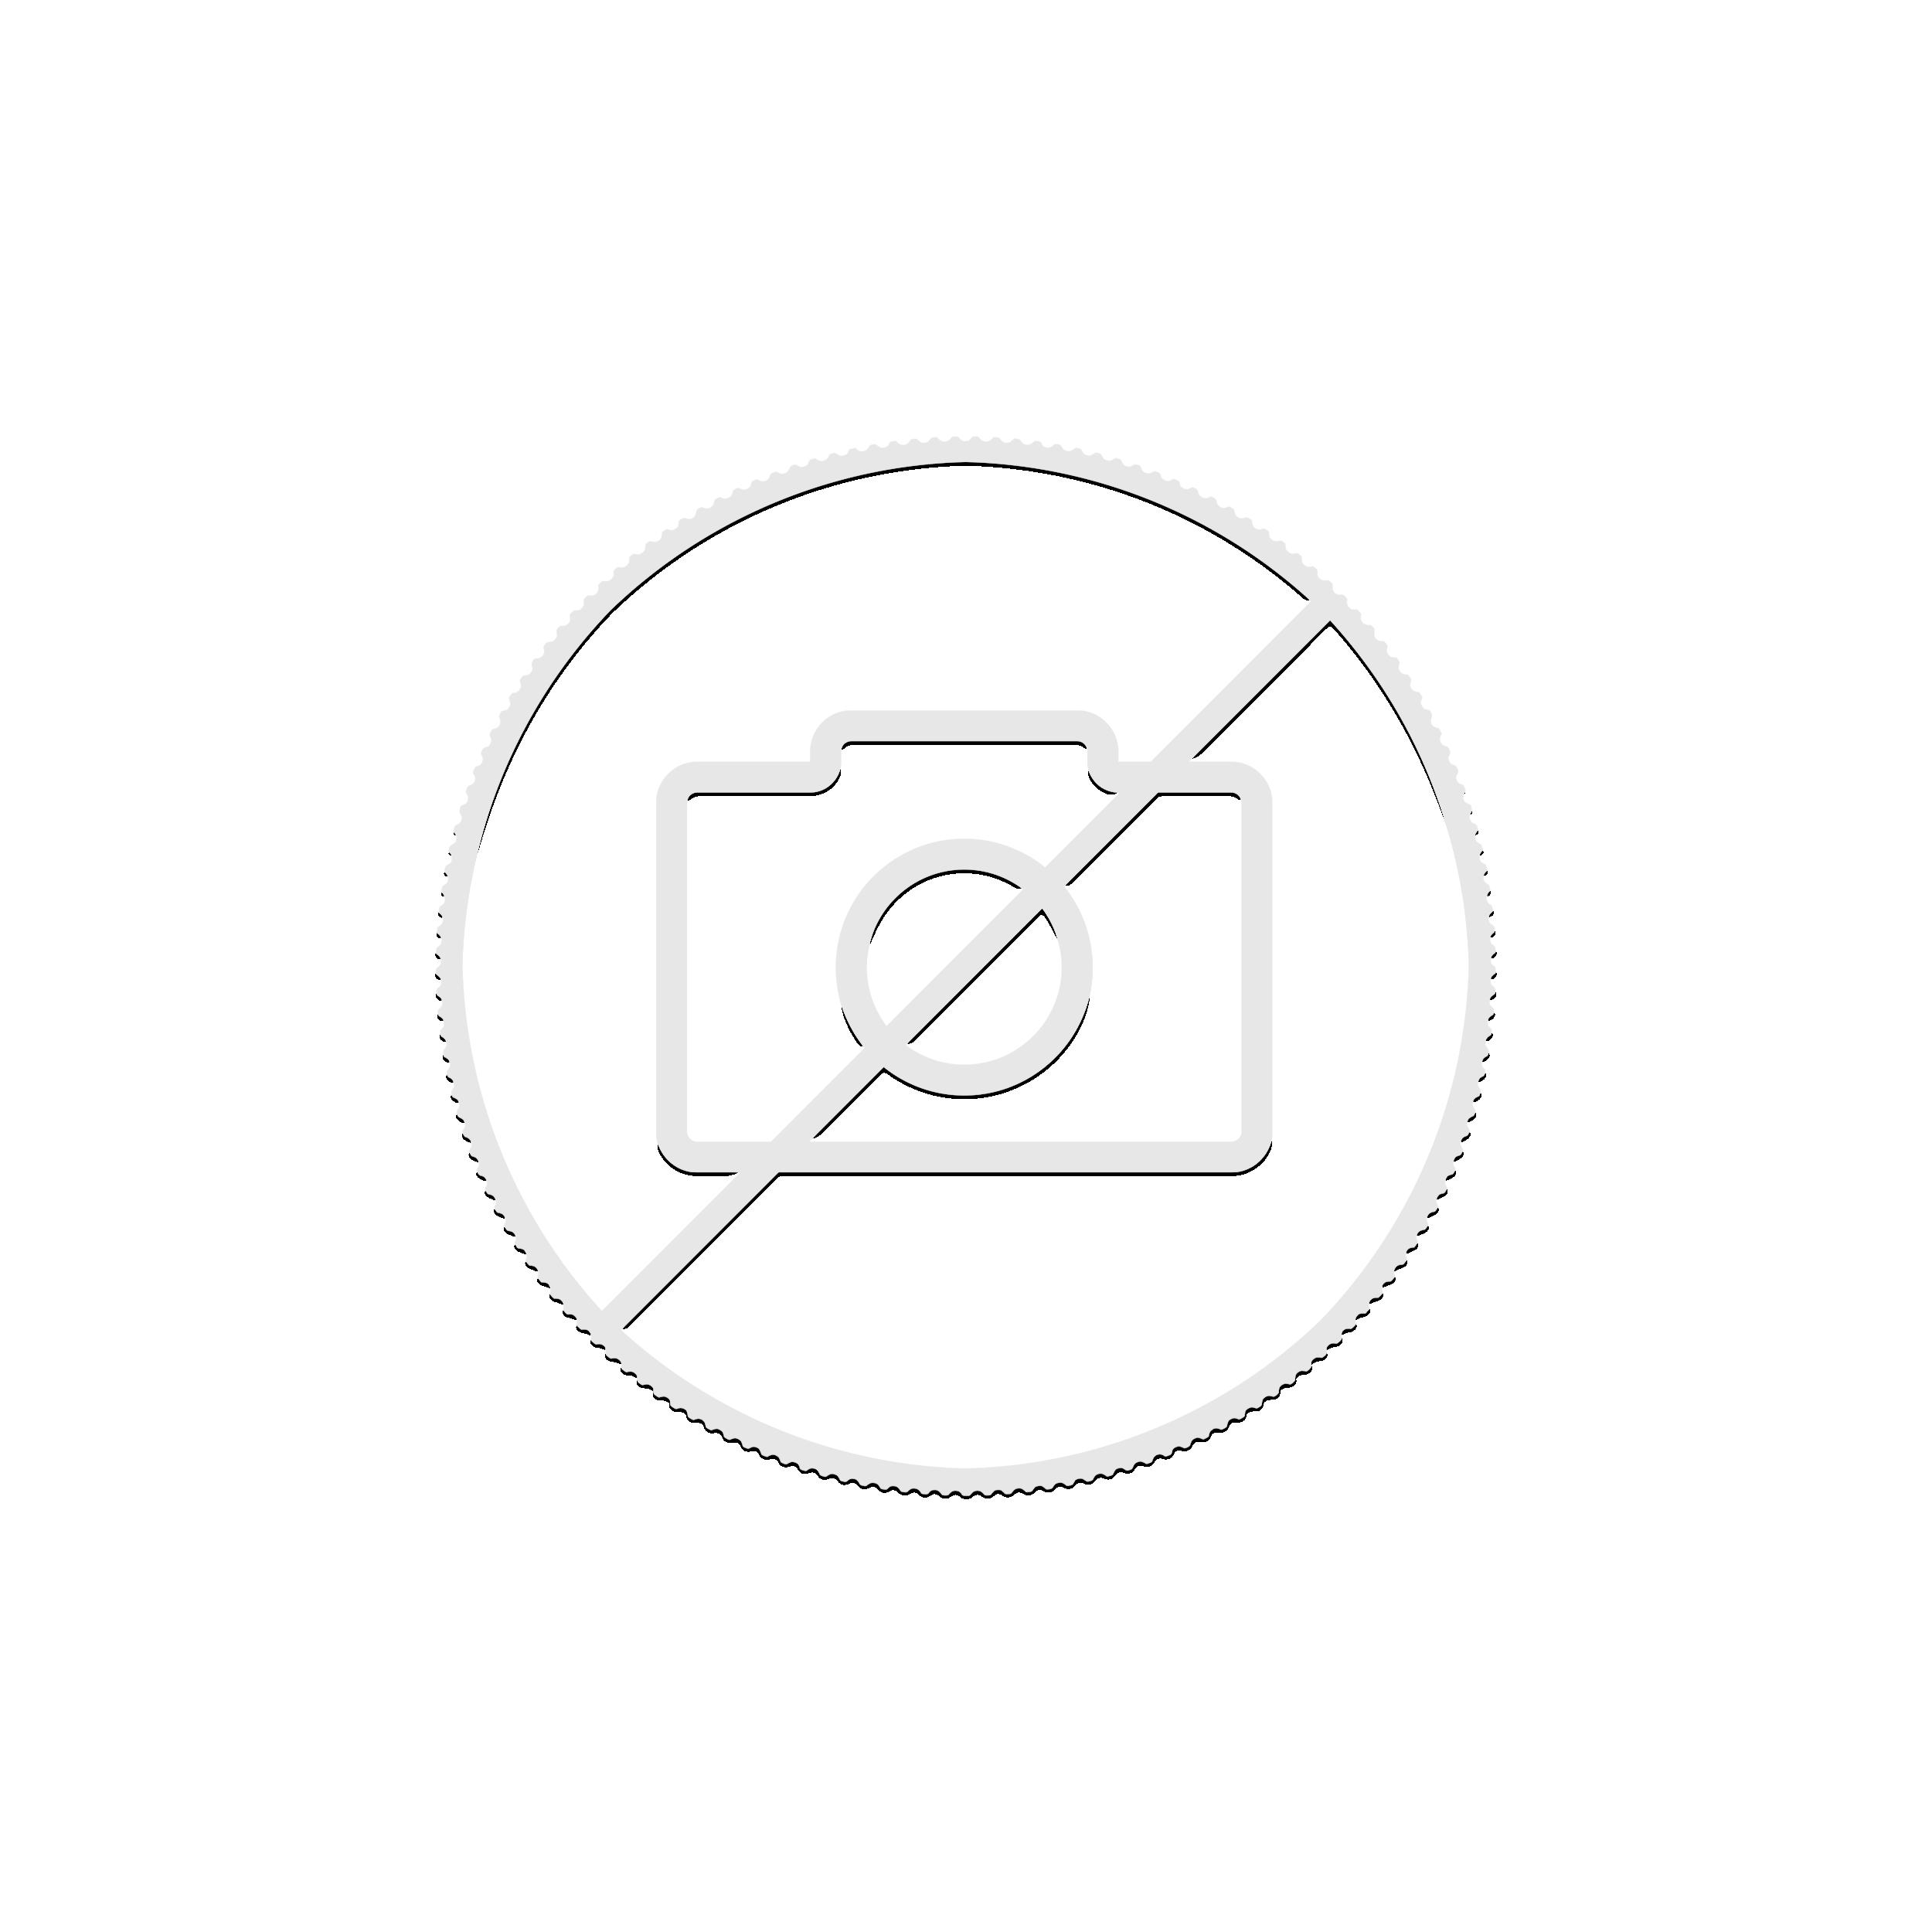 3 troy ounce zilveren munt Amun-Ra 2020